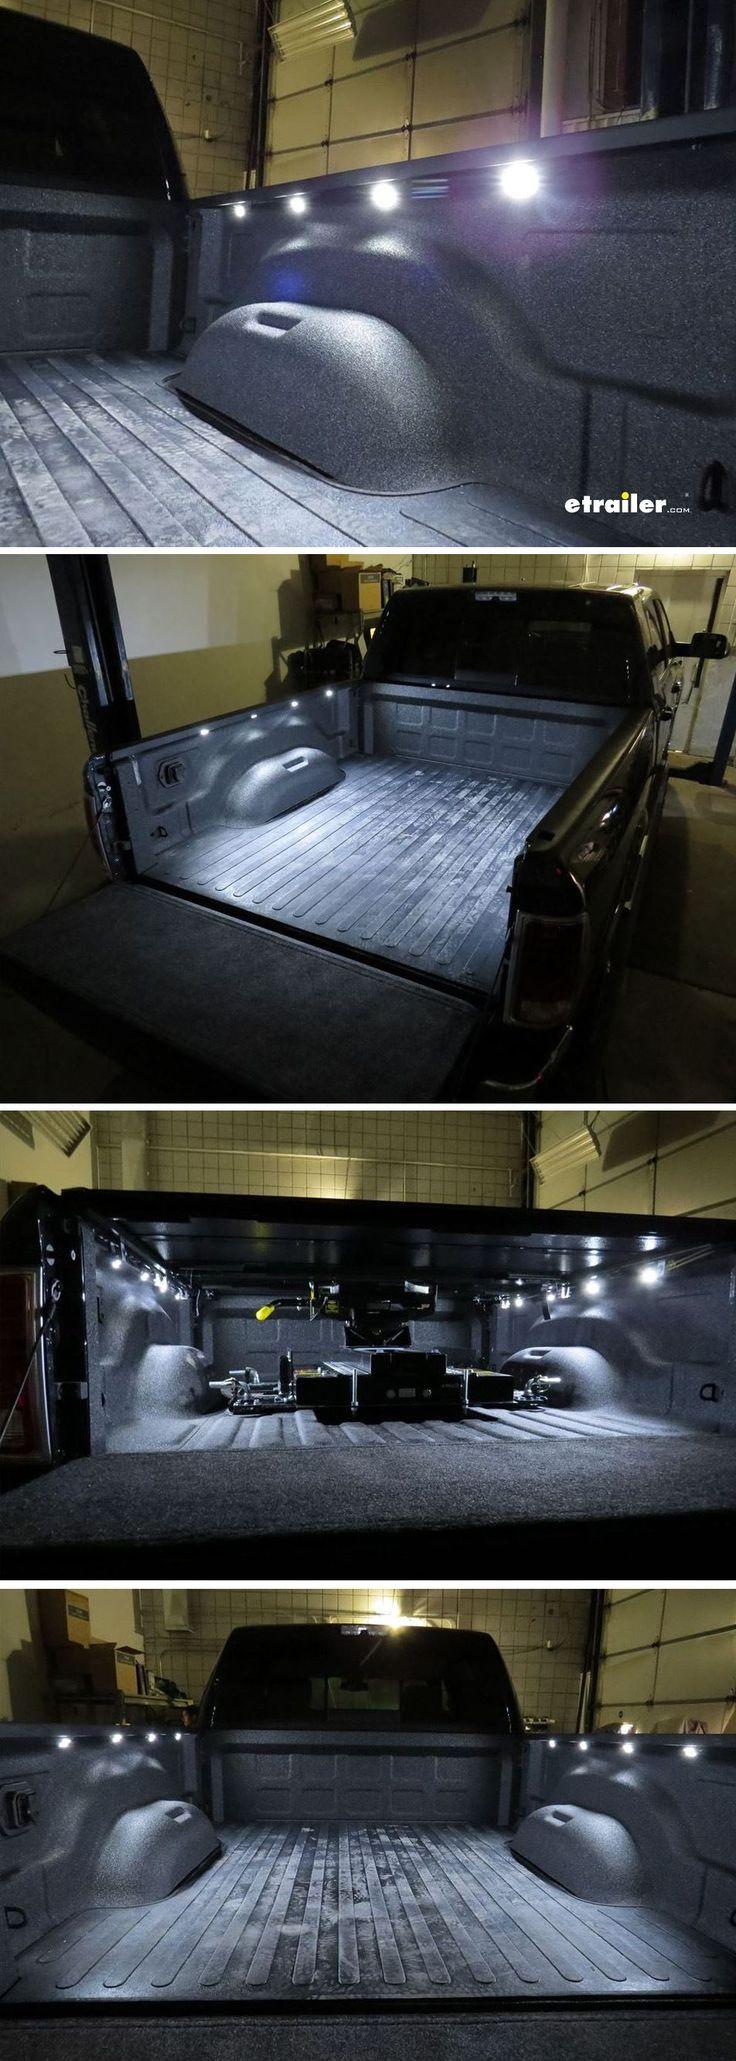 TruXedo BLight LED Lighting System for Truck Beds